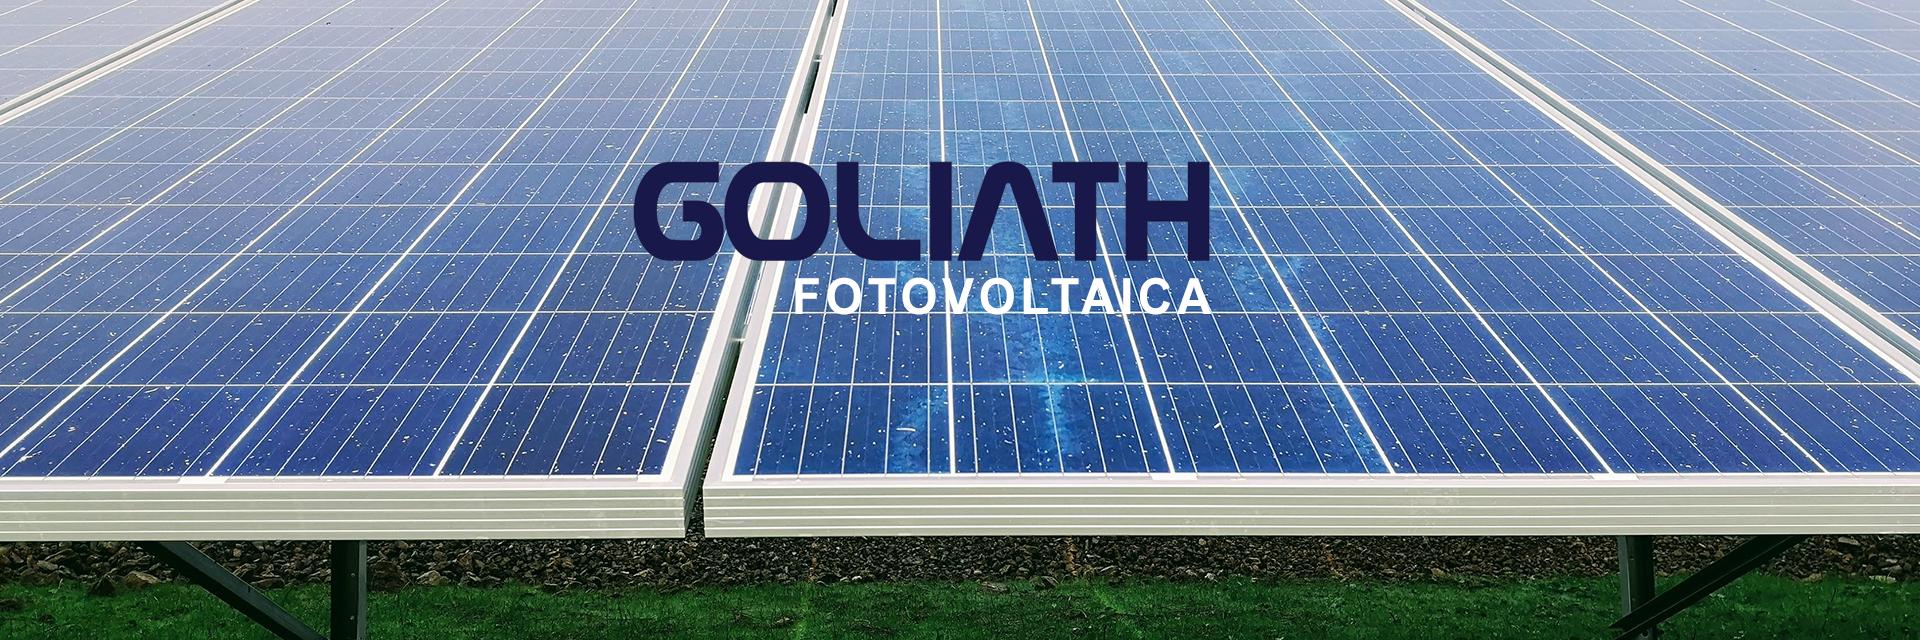 GOLIATH FOTOVOLTAICA